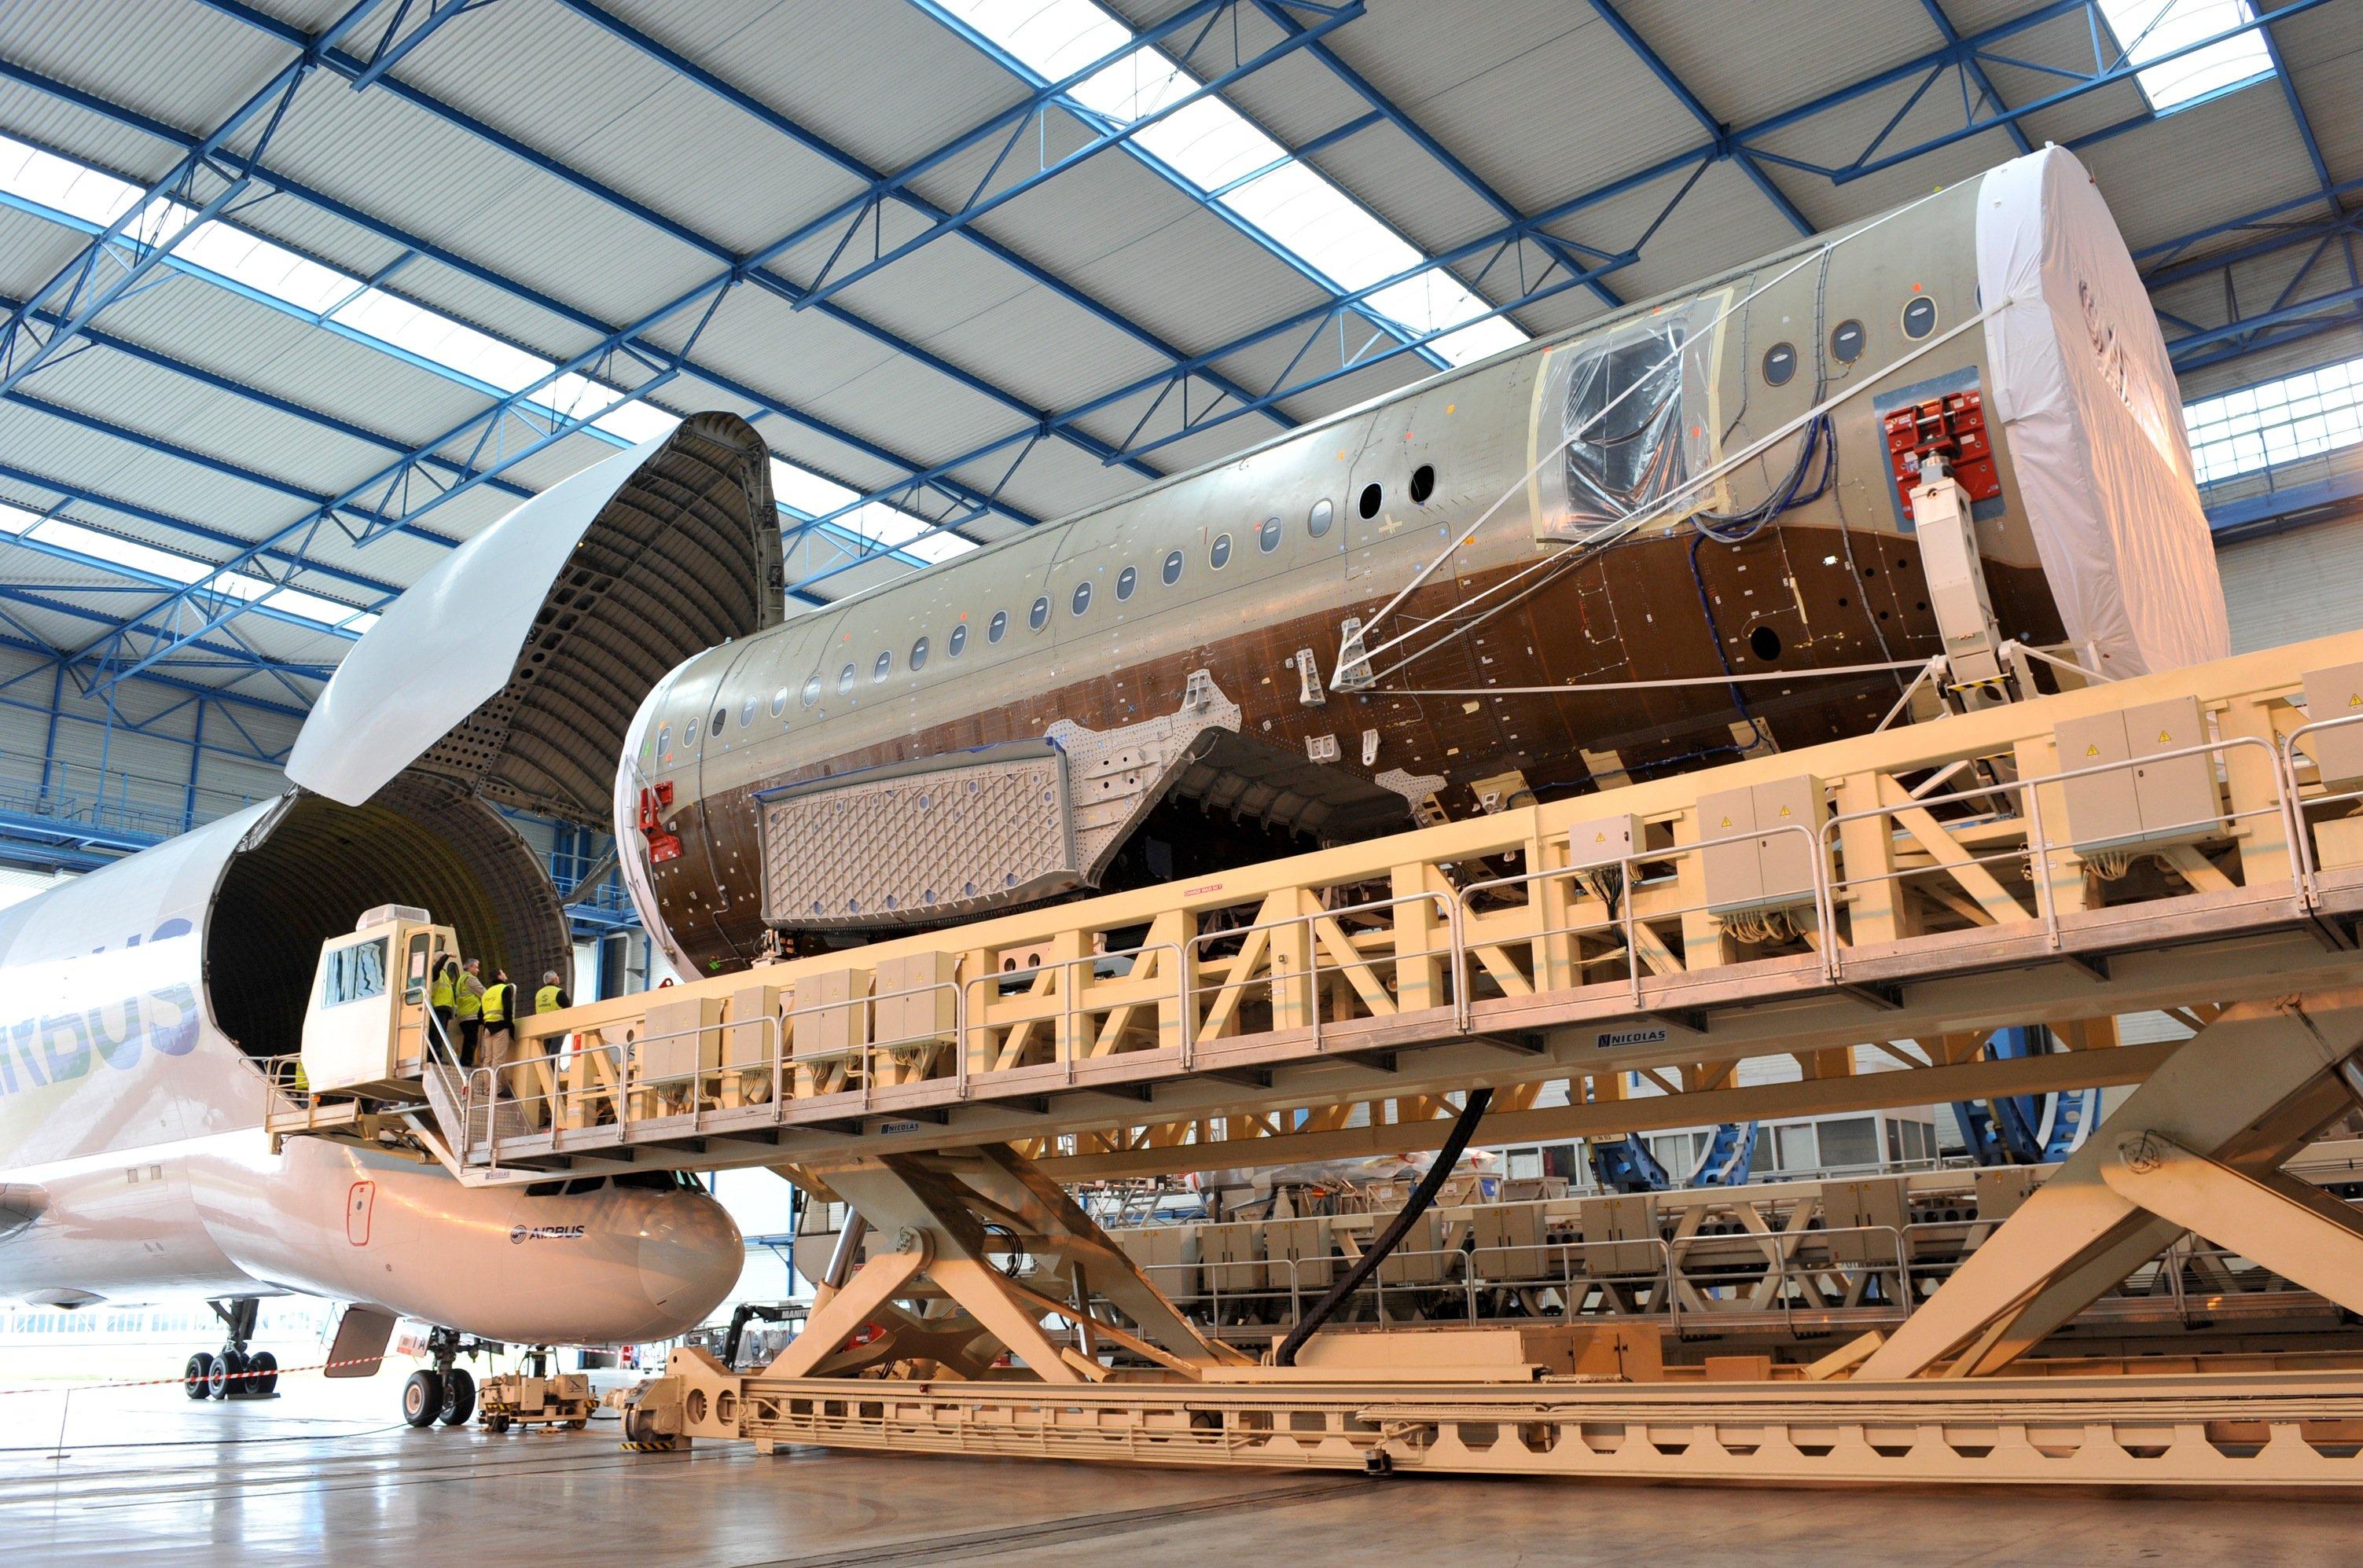 Entladung eines Airbus Beluga im Stammwerk in Toulouse: Fünf Belugas transportieren derzeit große Bauteile zwischen den Airbus-Werken. Jetzt hat Airbus entschieden,fünf neuen Belugas zu bauen, die ab 2019 zum Einsatz kommen. 2025 geht dann die alte Flotte in Rente, die seit 1994 im Dienst ist.